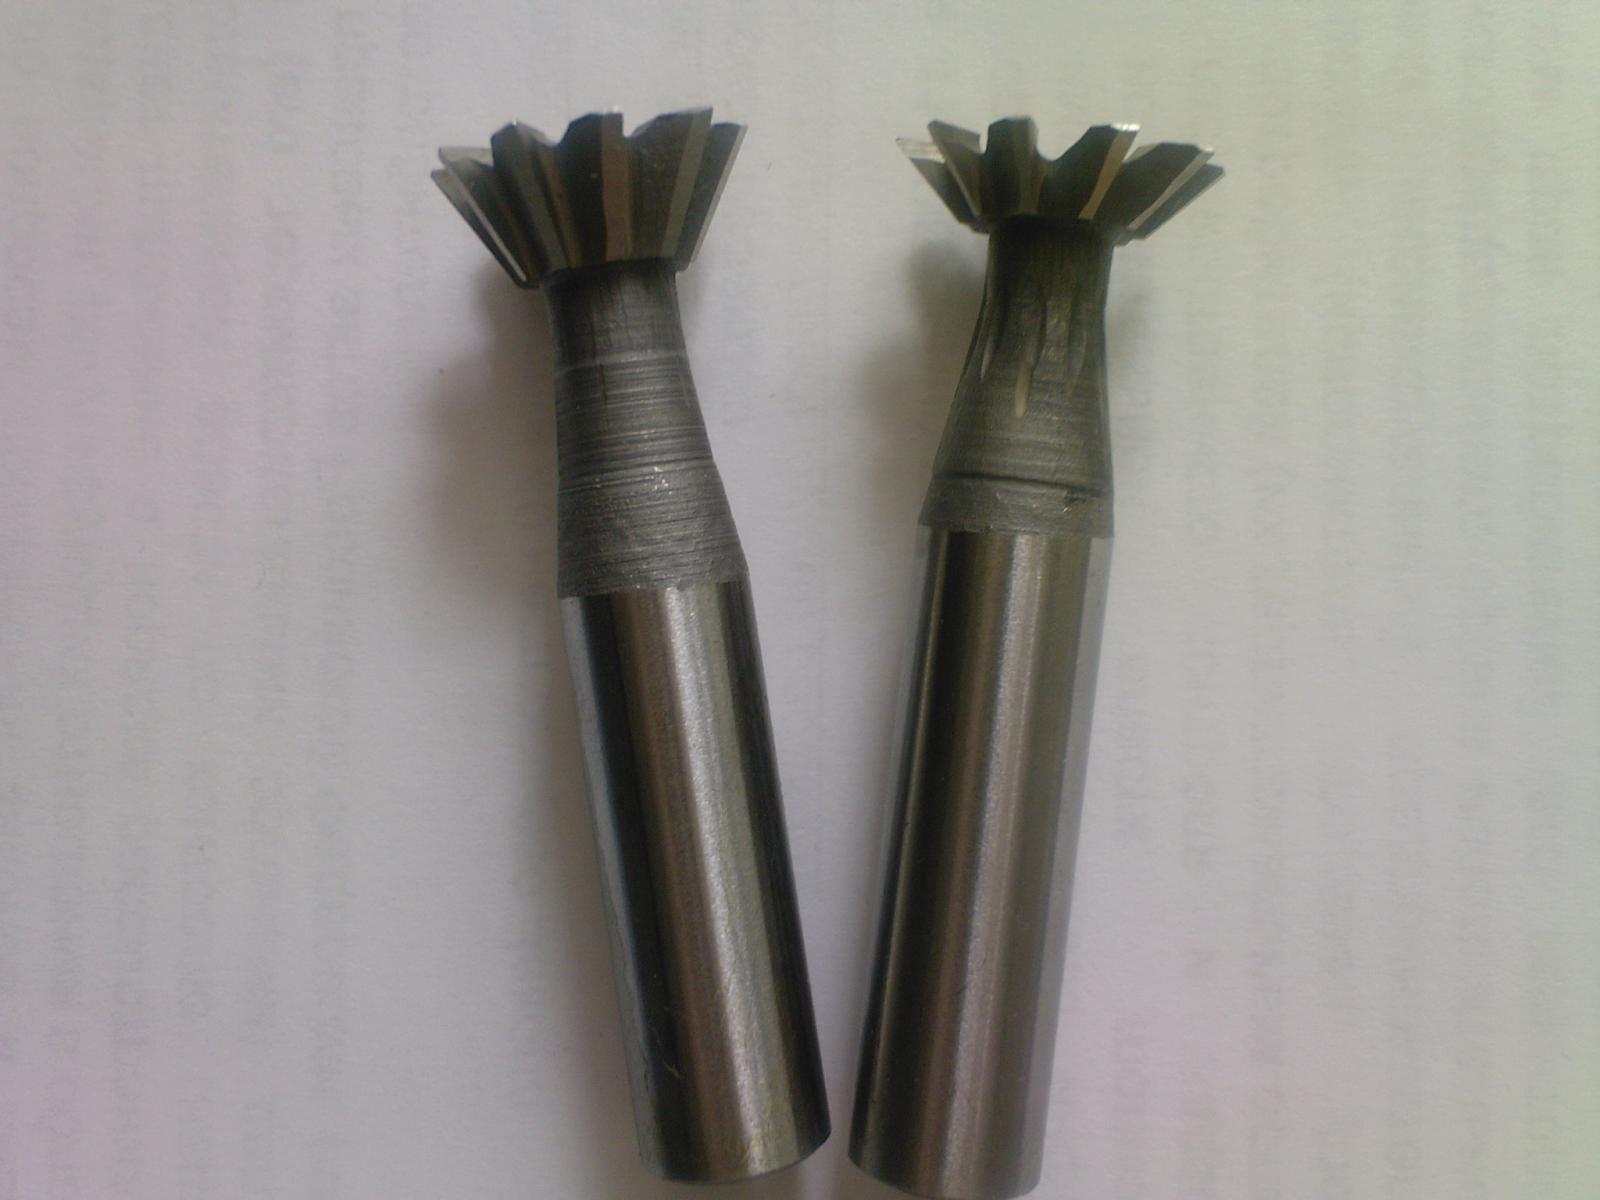 Фрезы для обработки пазов типа ласточкин хвост